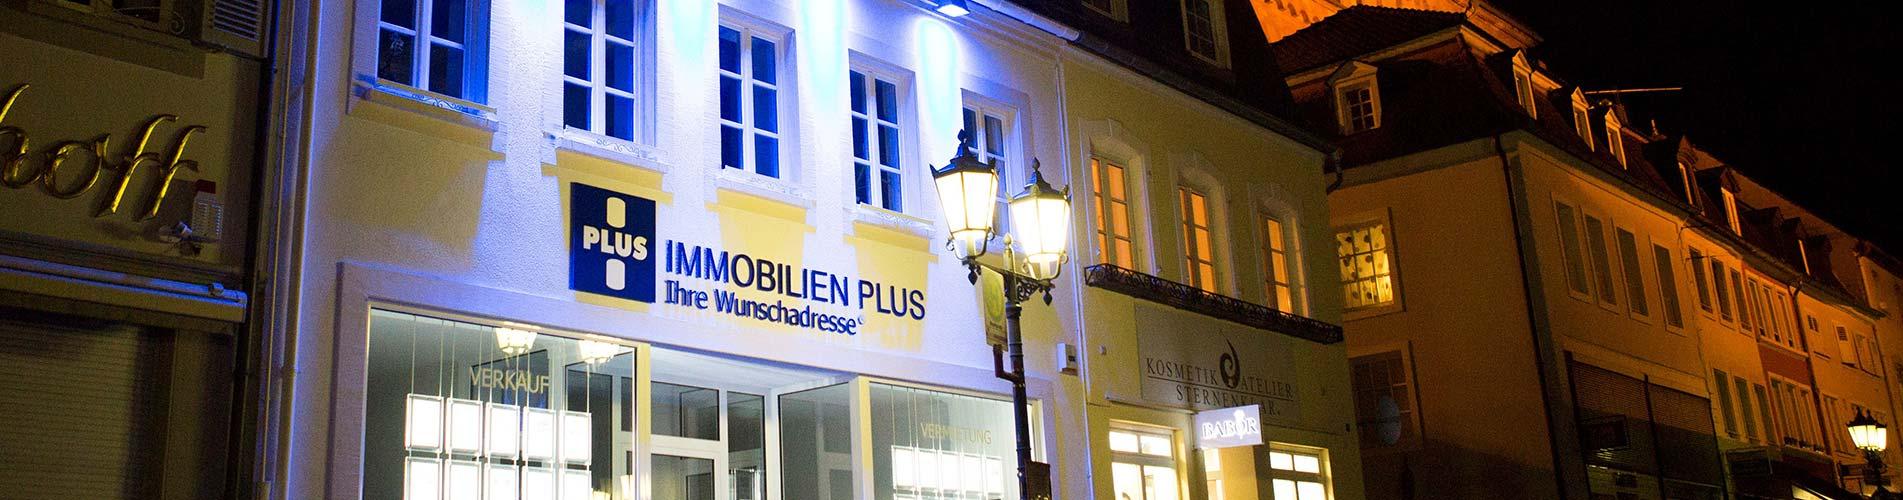 Bürogebäude der Immobilien Plus GmbH